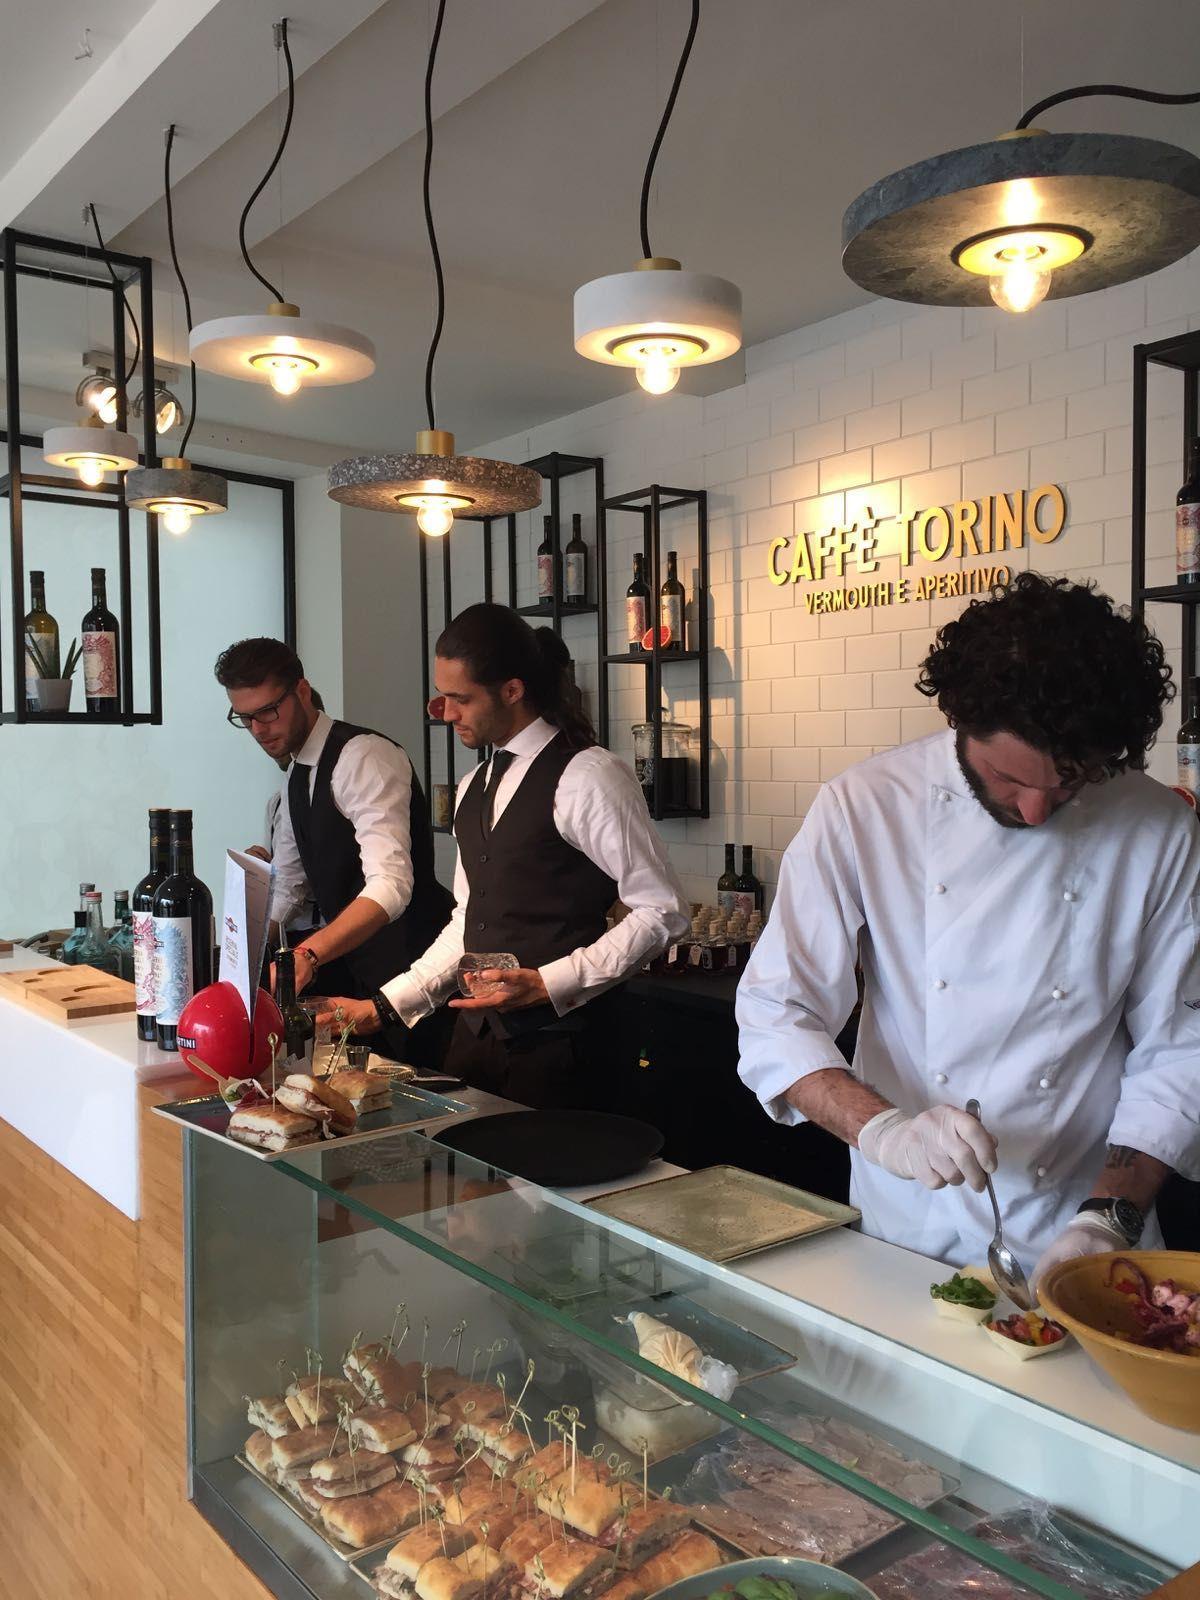 Aperitivo Aanrader Caffe Torino Great Opening Martini Borisagency Dark Rondl Marble Granito Decoracion De Unas Granito Cafeteria